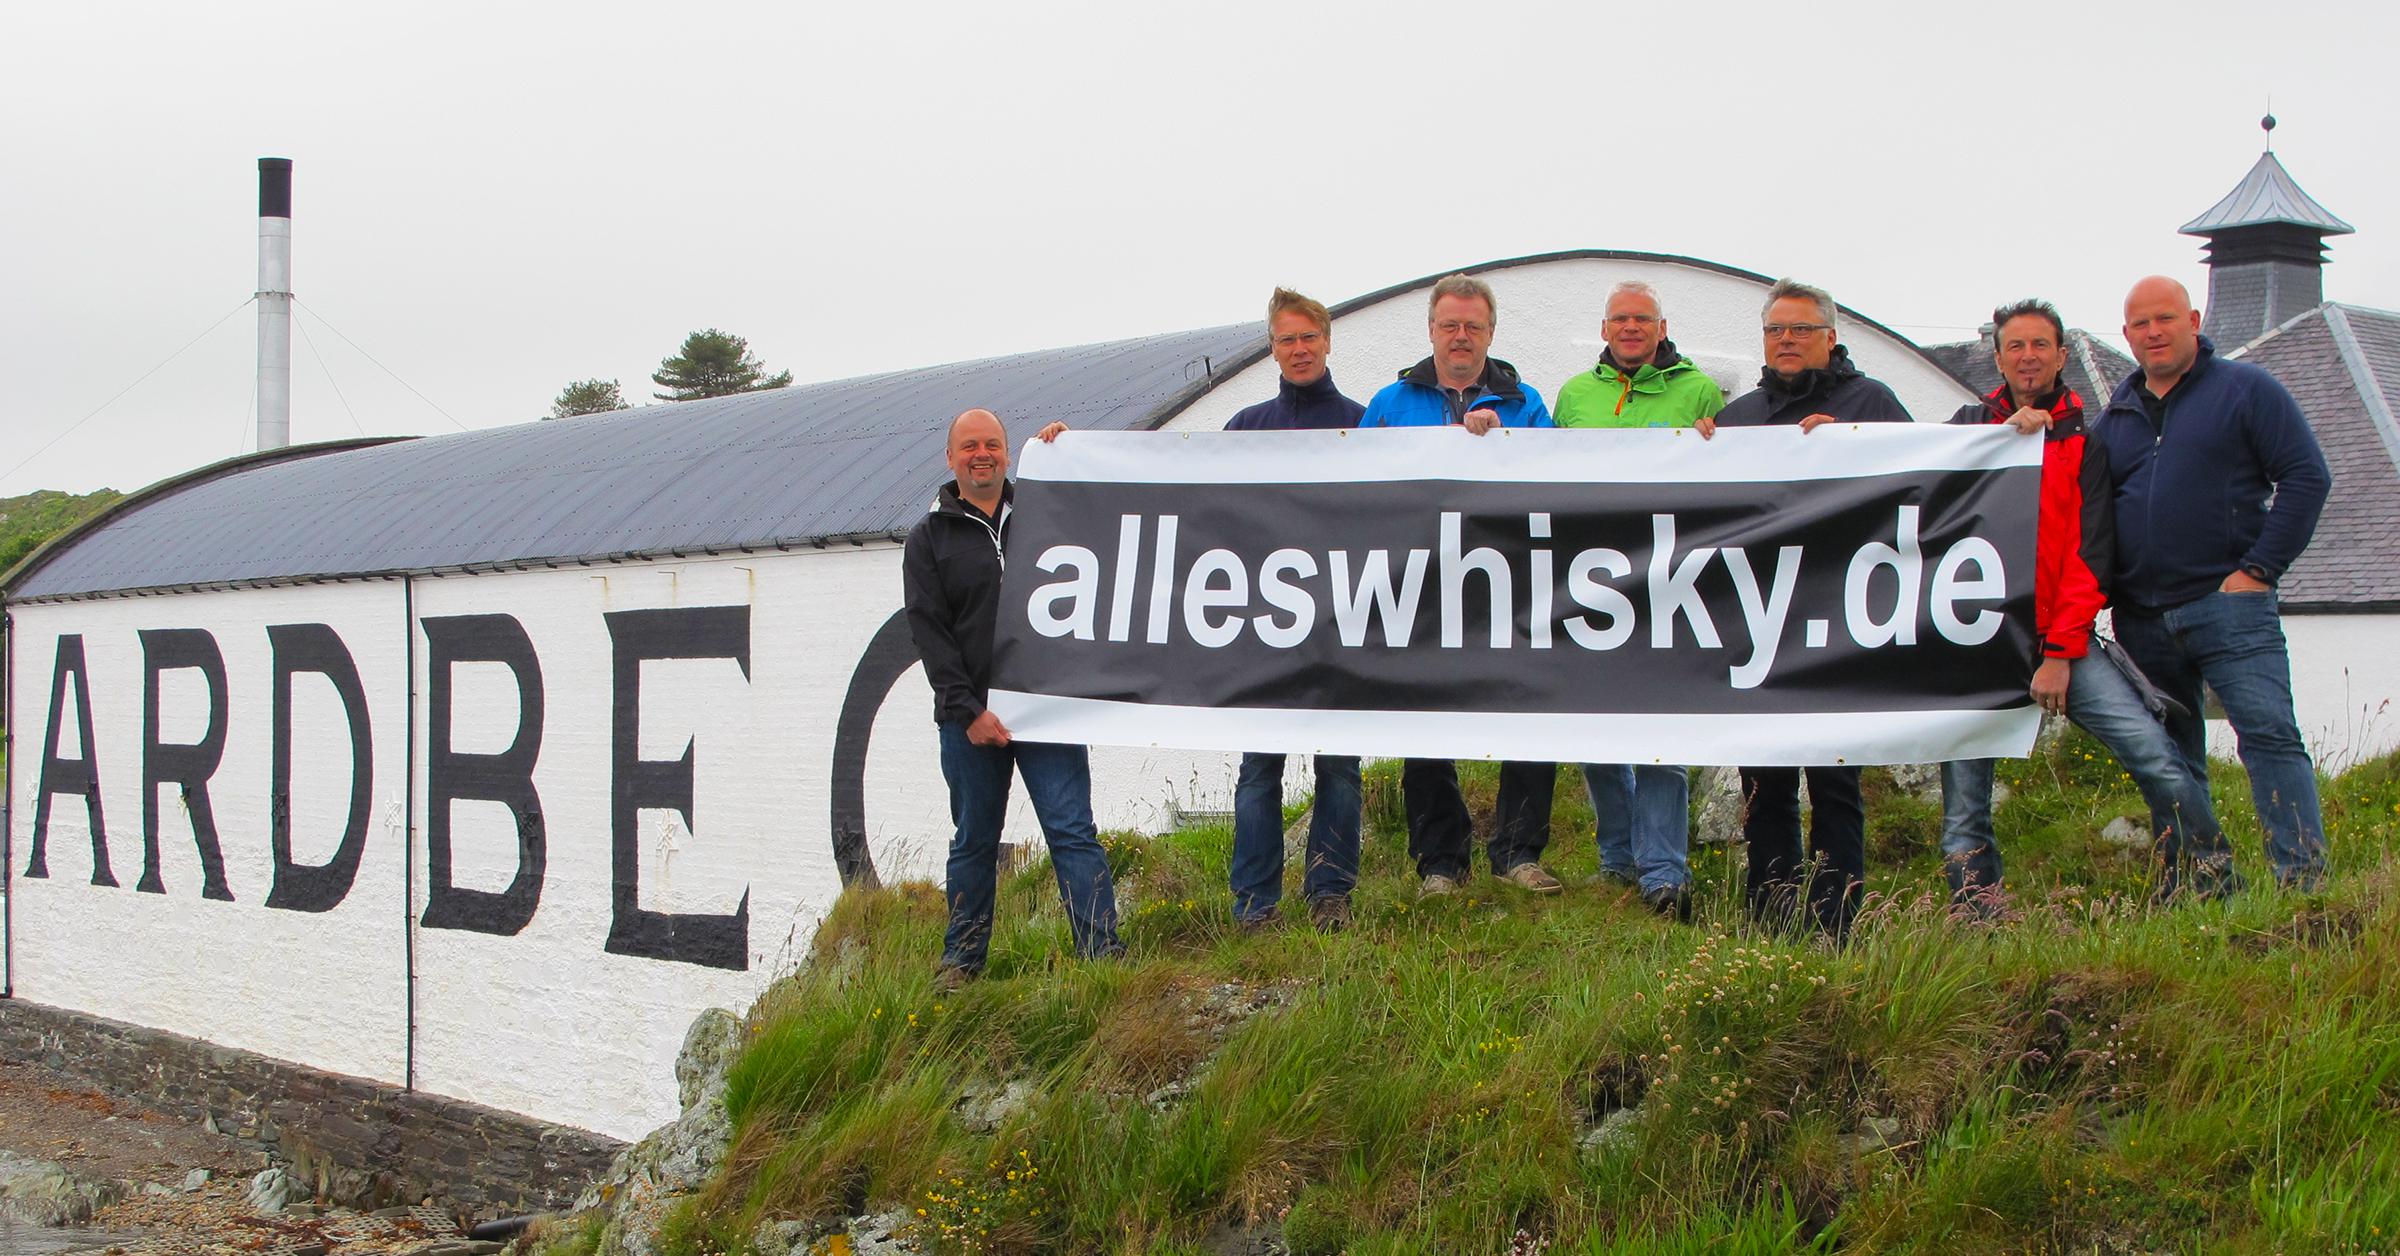 Das alleswhisky.de Team - Immer wieder schön dabei zu sein